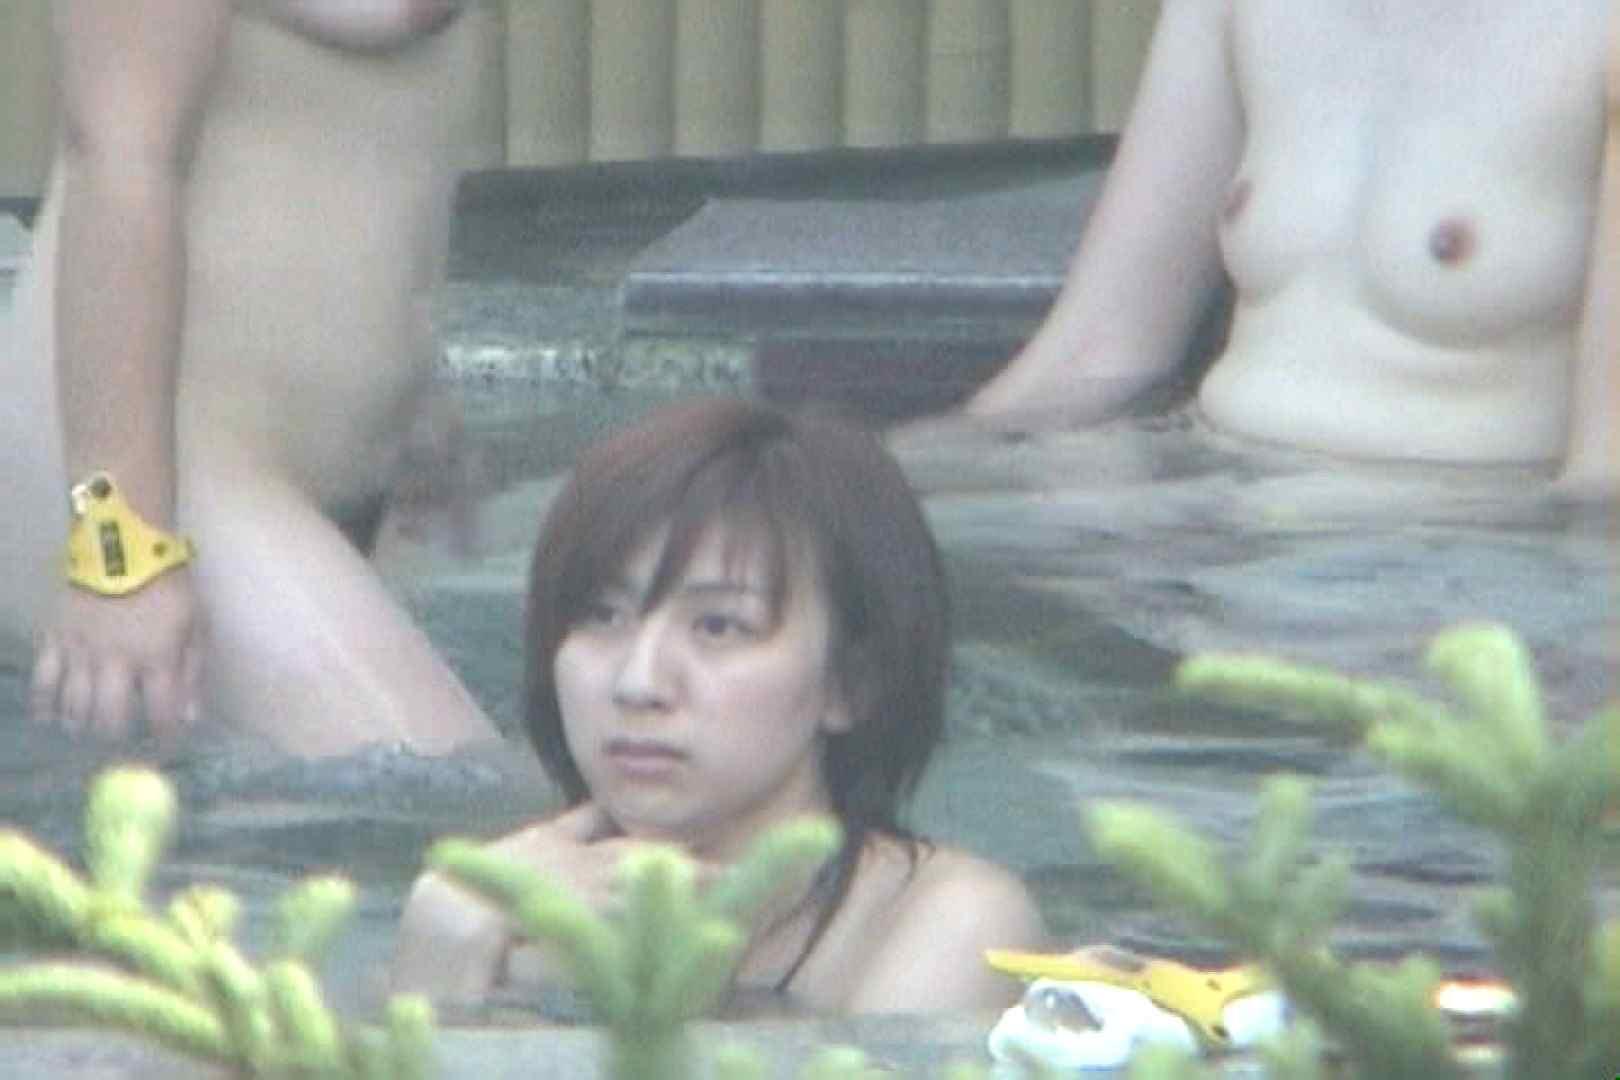 Aquaな露天風呂Vol.77【VIP限定】 美しいOLの裸体  96pic 9